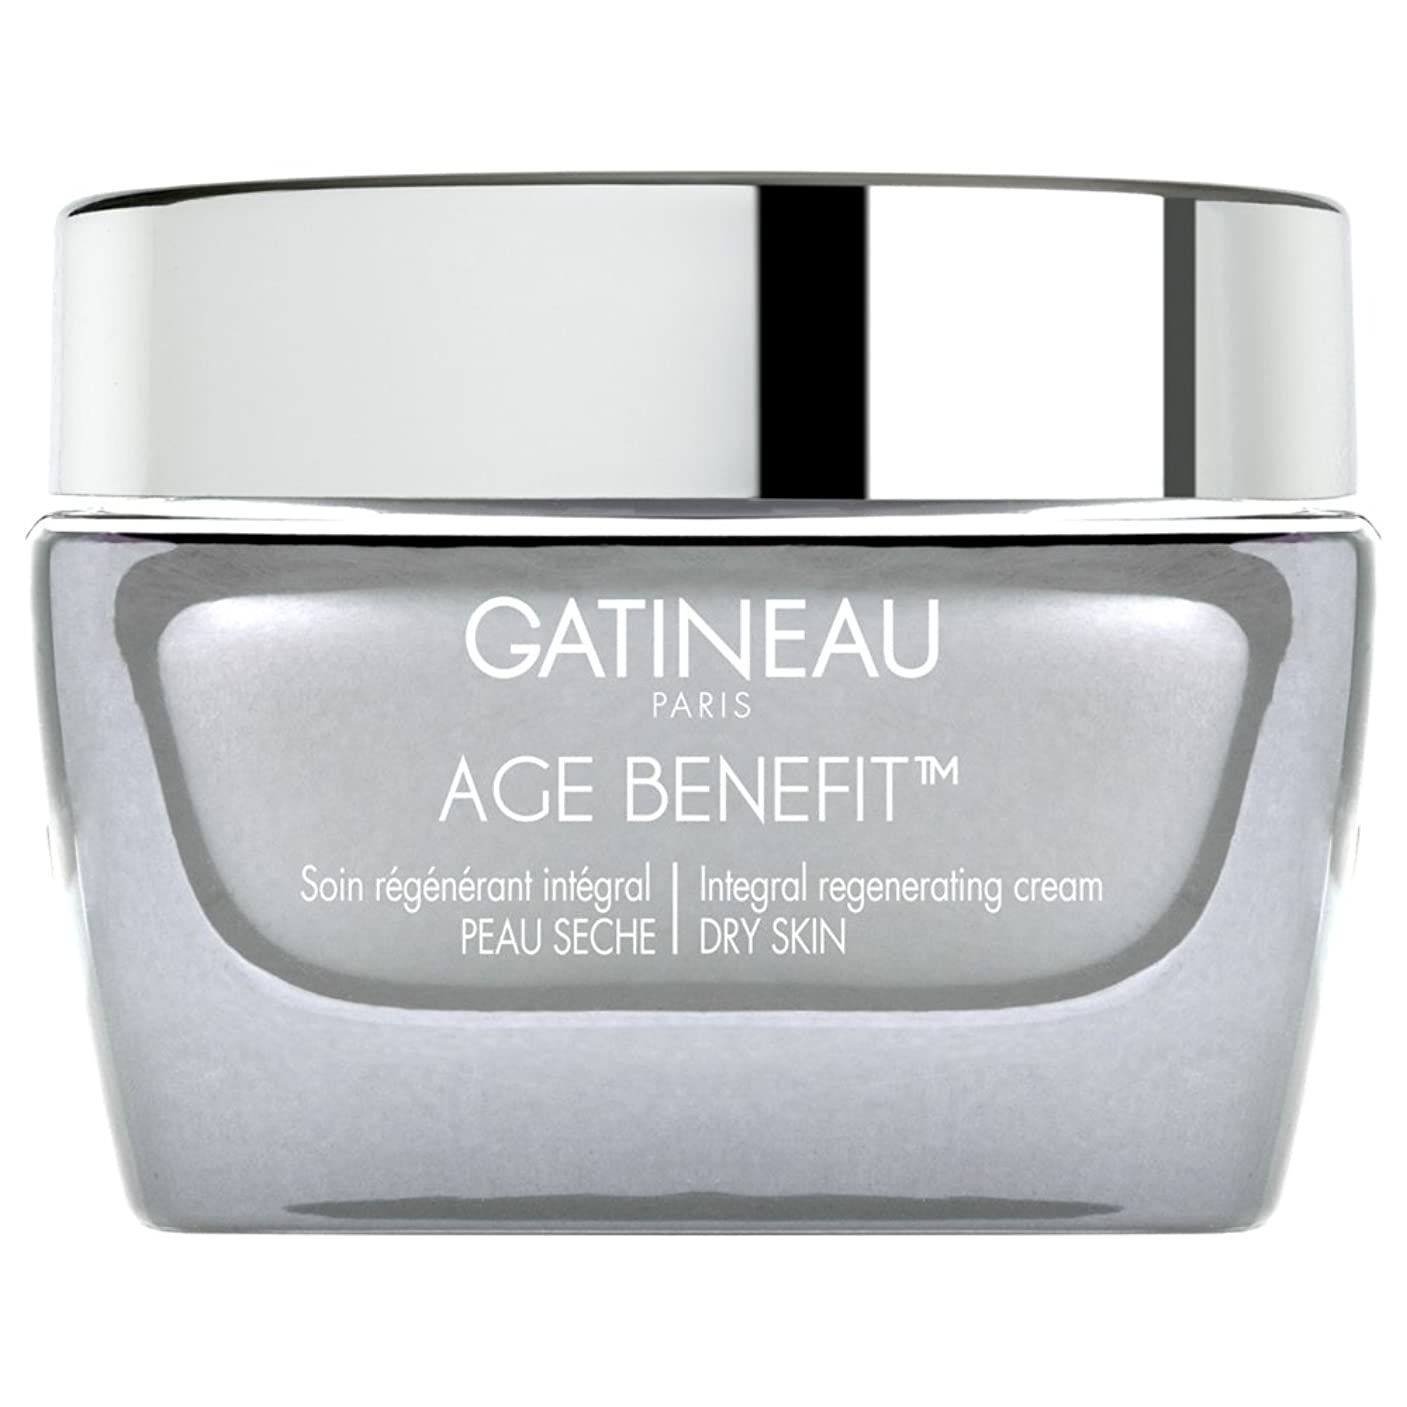 グリーンランド許容できる伝統的ガティノー年齢給付再生ドライスキンクリーム、50ミリリットル (Gatineau) (x2) - Gatineau Age Benefit Regenerating Dry Skin Cream, 50ml (Pack of 2) [並行輸入品]